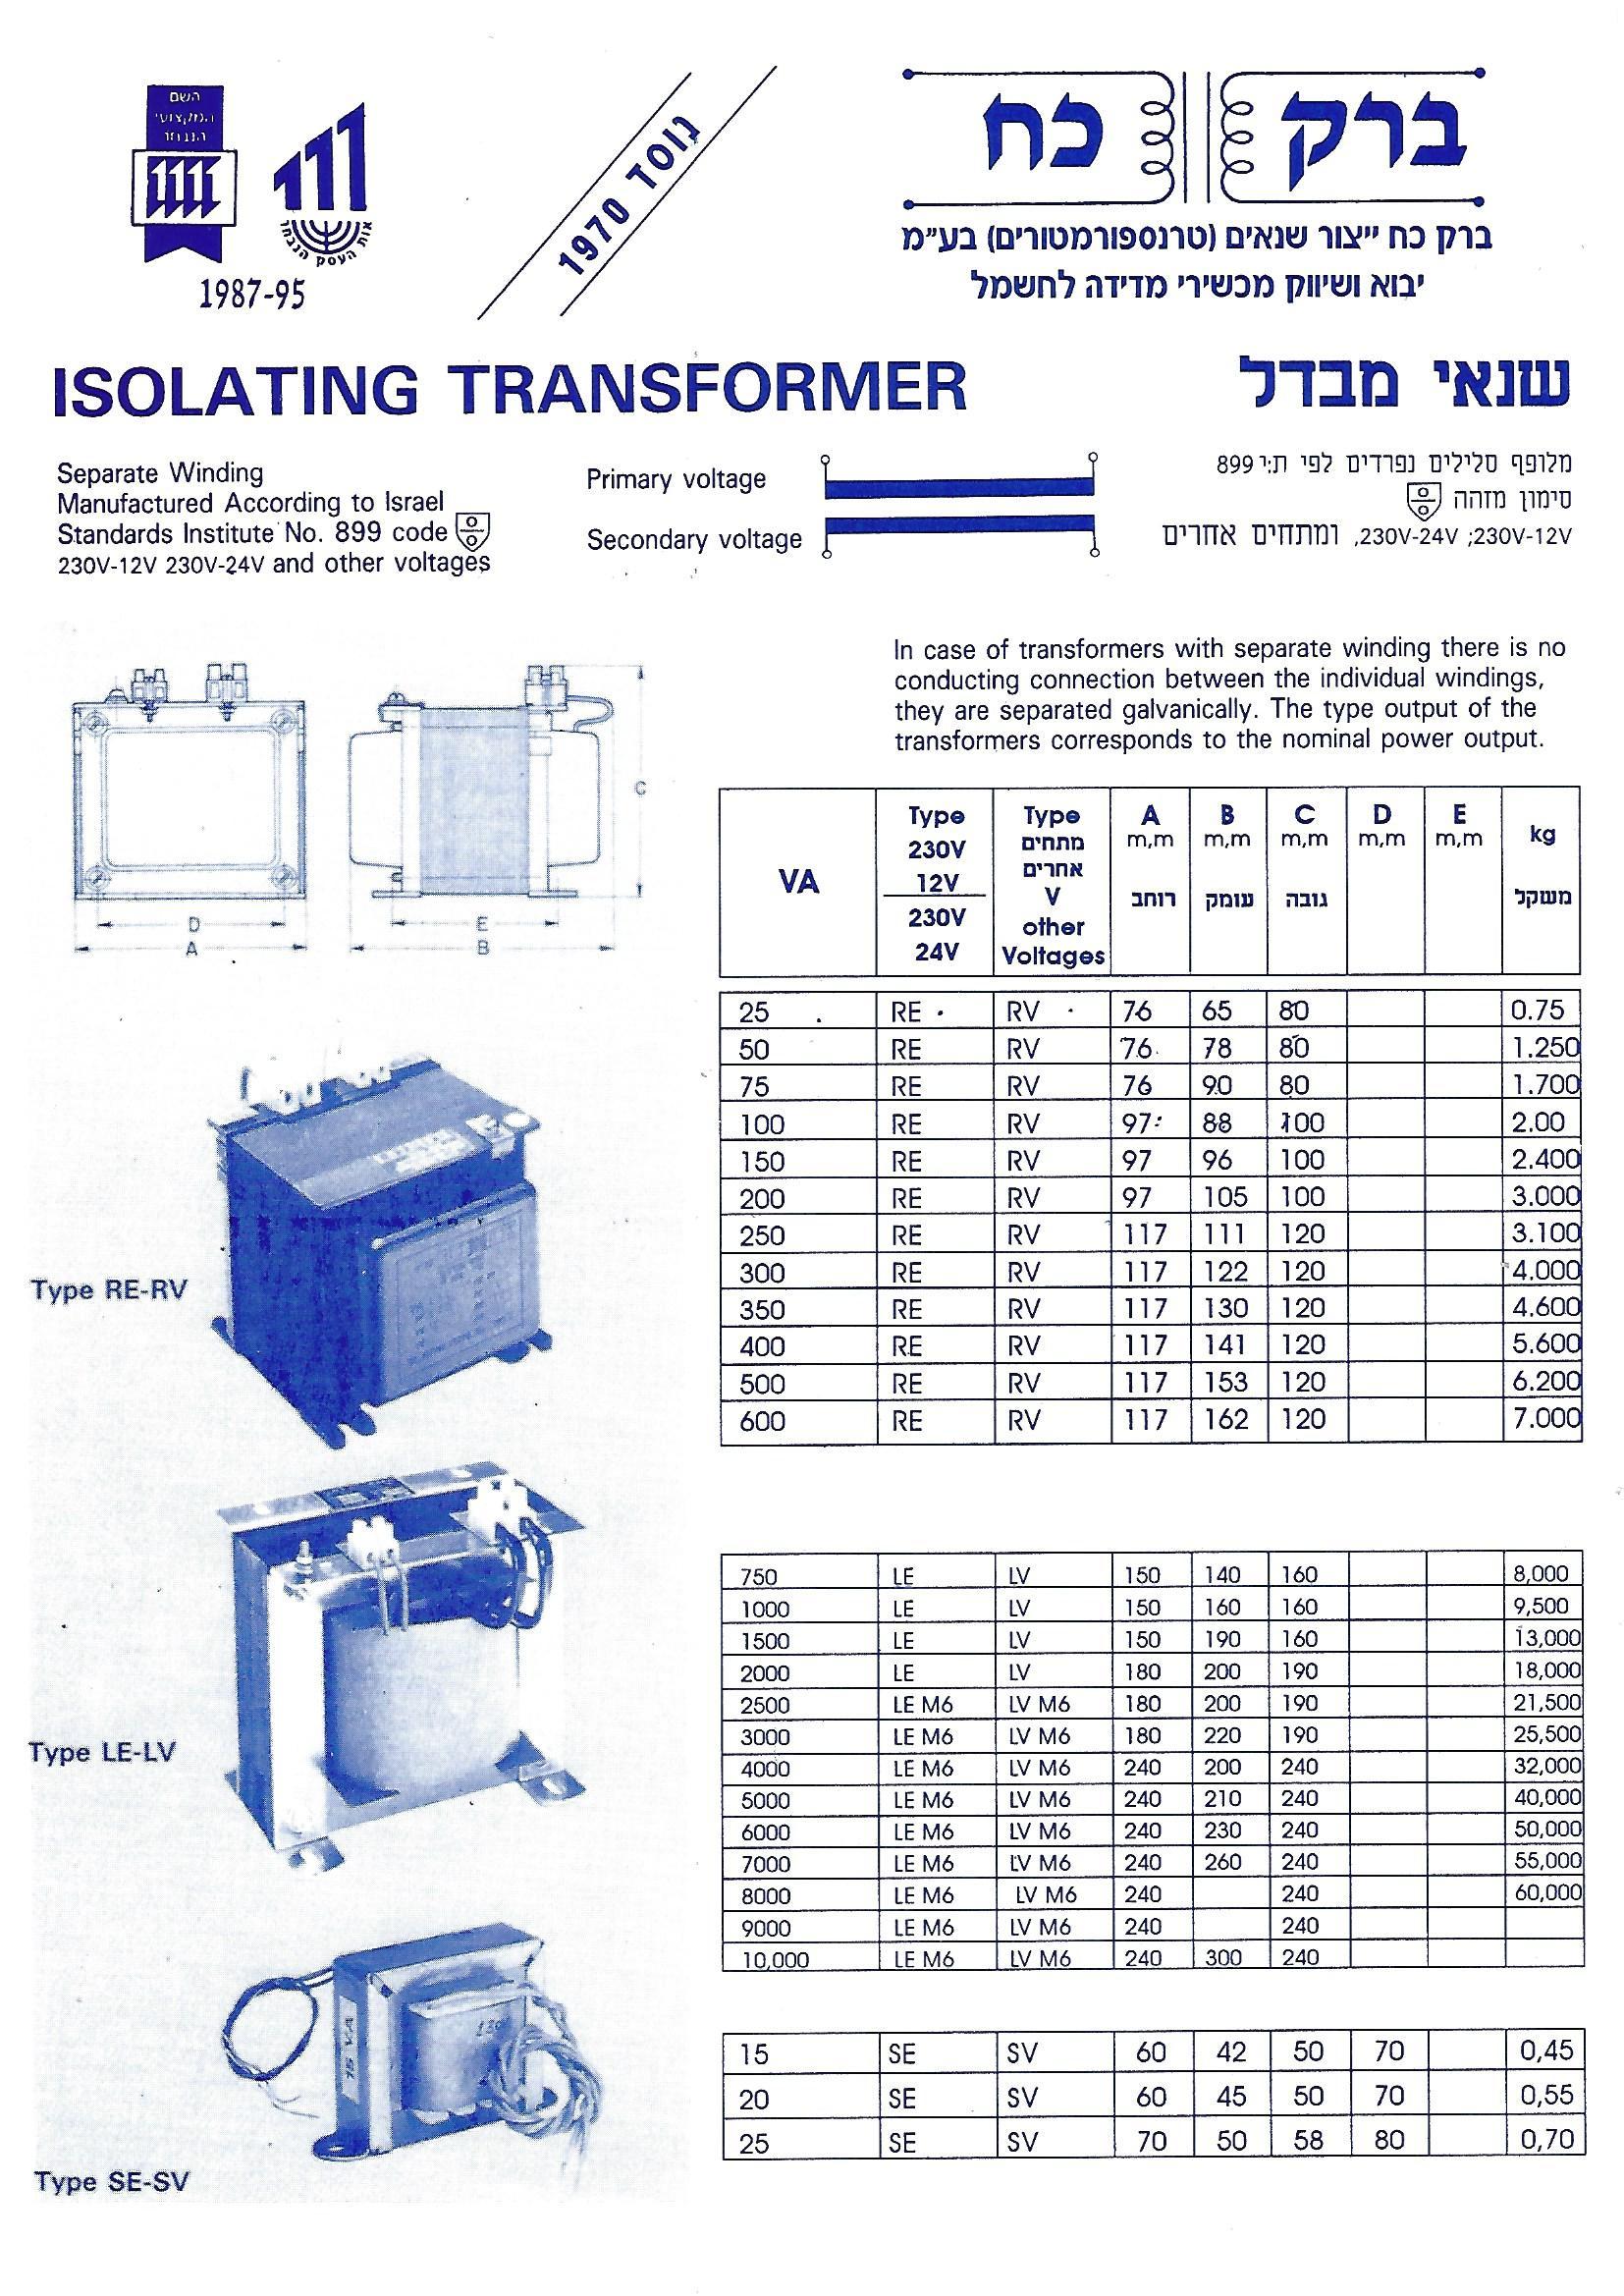 שנאי מבדל בהספק 350VA במתחים 230V-24V